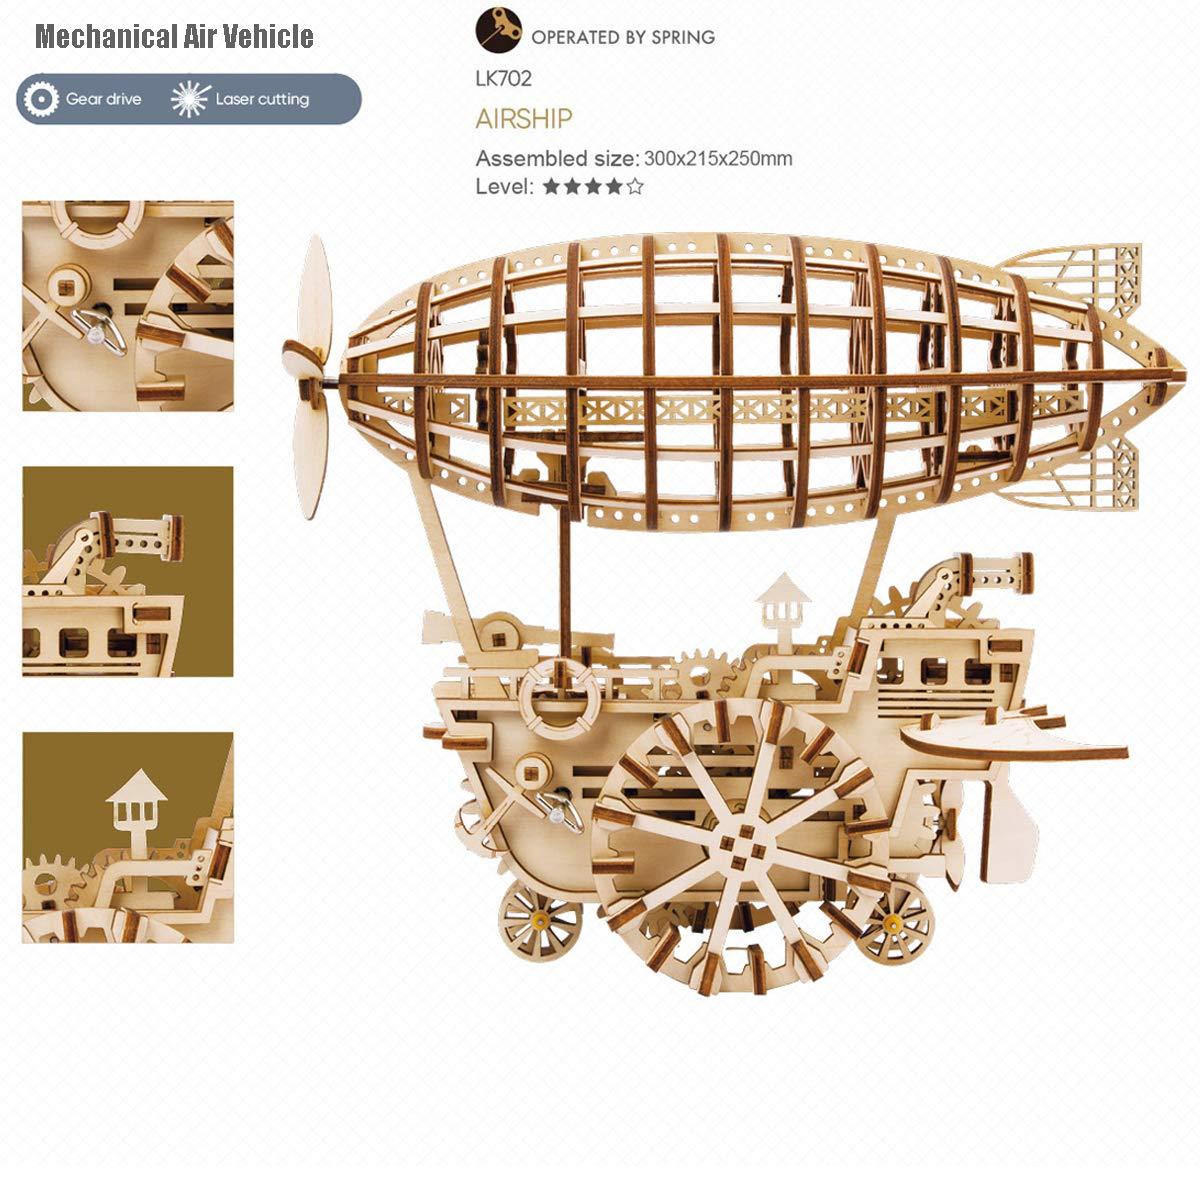 3D h/ölzernes Puzzlespiel Laser-Cut Geb/äude--bewegliche Installationssatz Brainteaser f/ür Kinder Teenager und Erwachsene ROBOTIME Mechanisches Luftfahrzeug-modulares mechanisches Modell